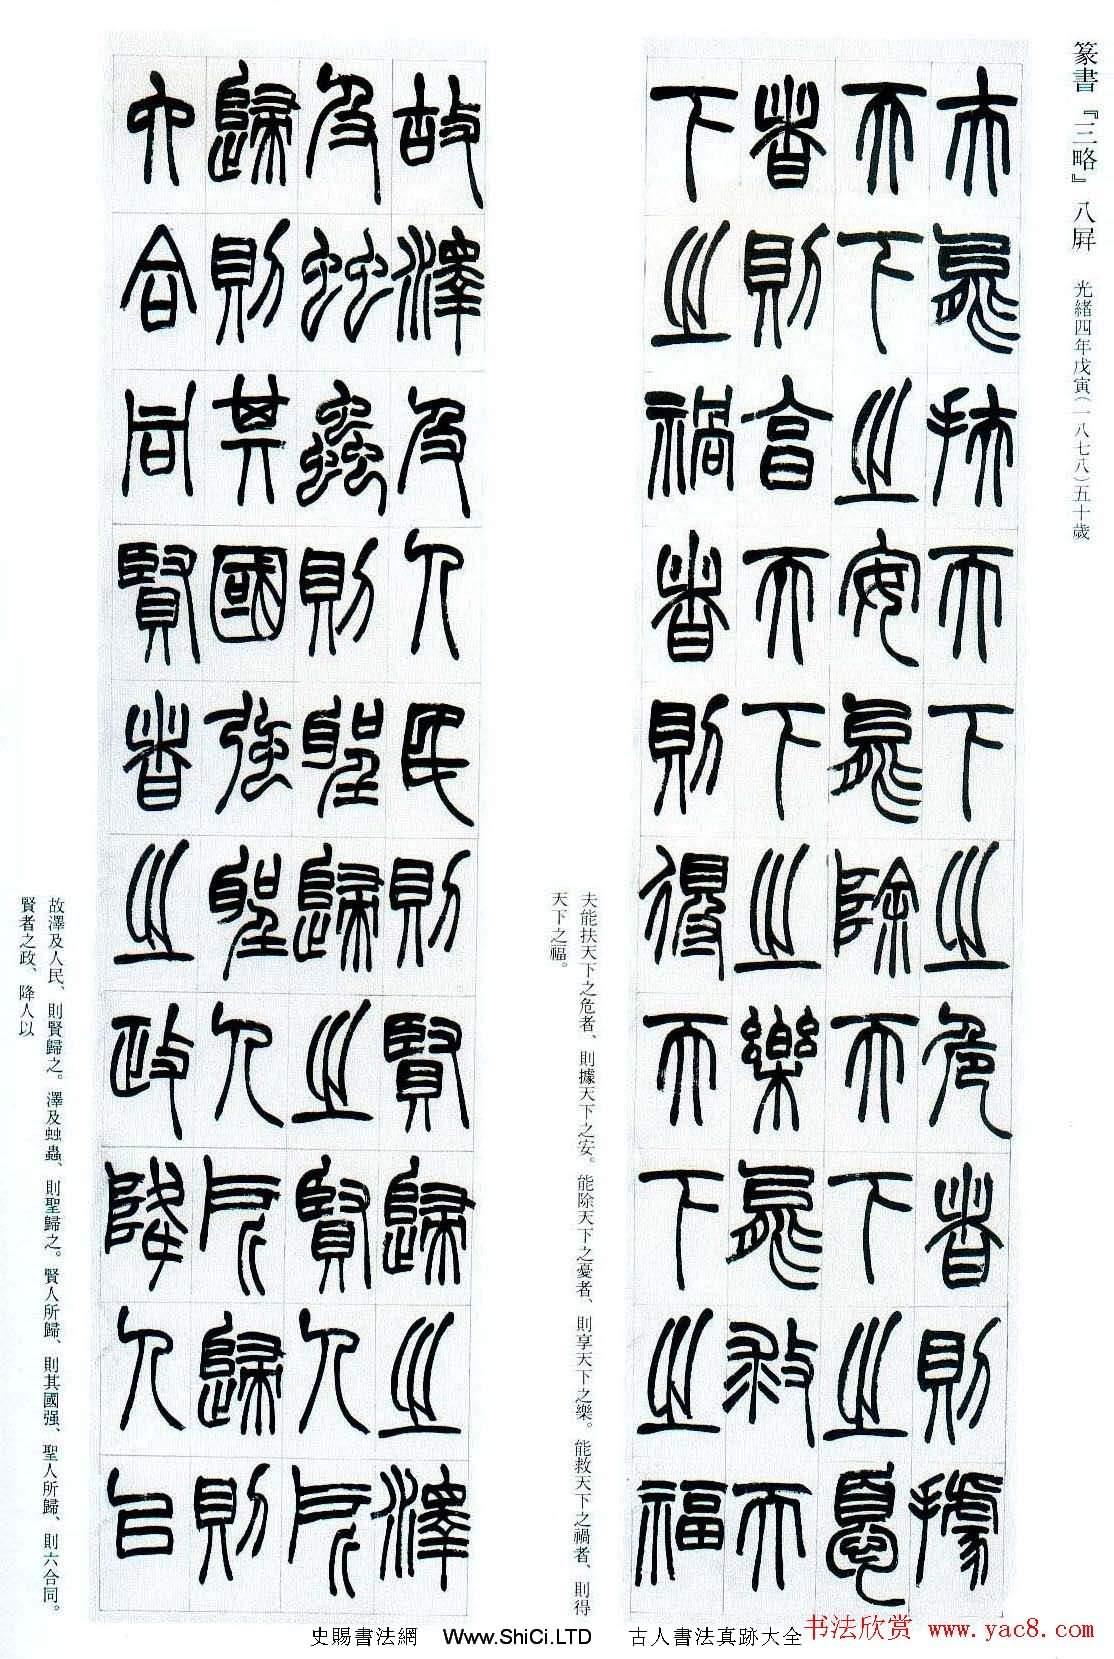 趙之謙篆書真跡欣賞《群臣治要引三略》(共4張圖片)